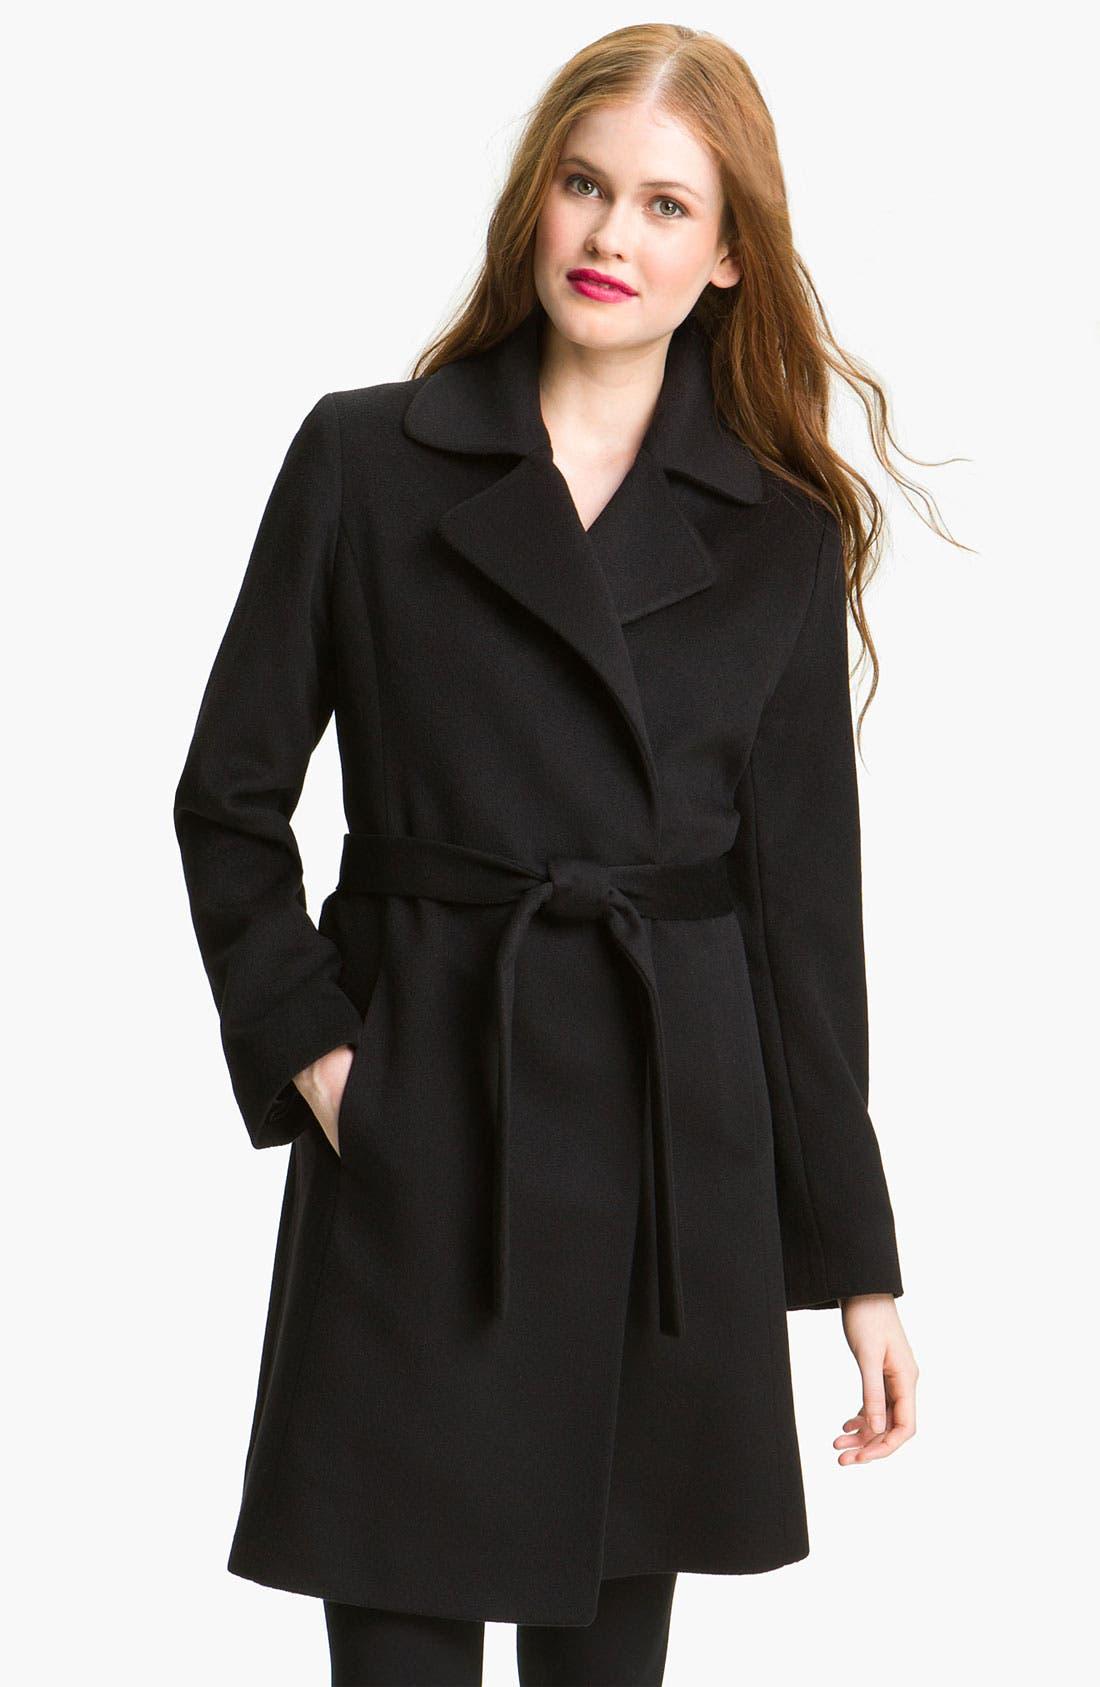 Main Image - Fleurette Cashmere Wrap Coat (Online Exclusive)